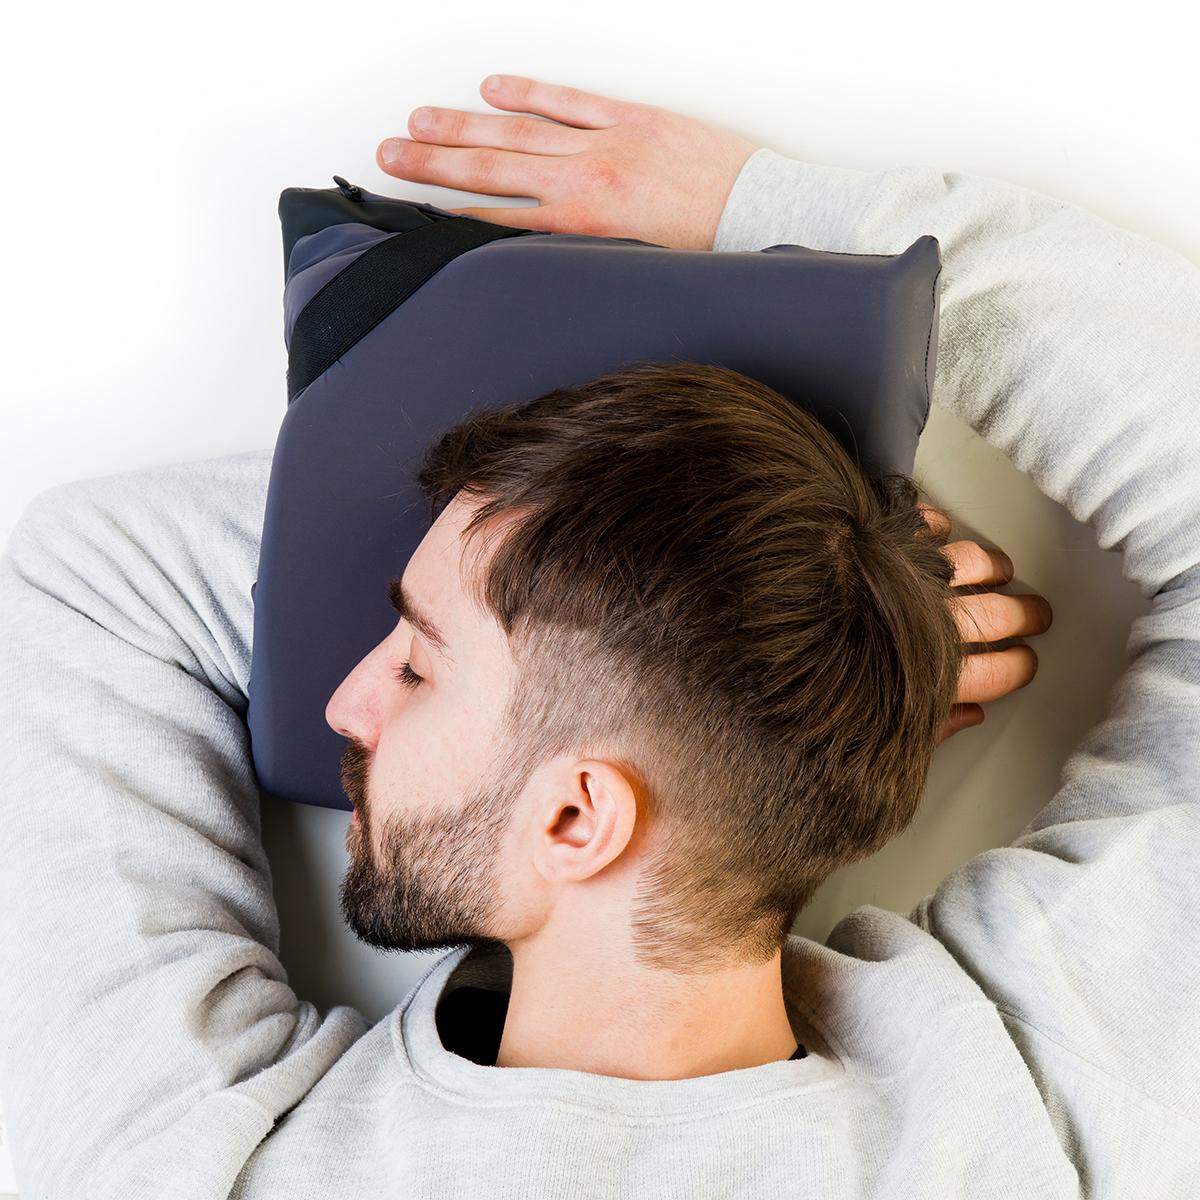 適度な昼寝で体内時計のリズムをキープ。睡眠の質の向上に取り入れたい新習慣&グッズ5選-心地良い眠りへと誘うノウハウを集めてみました